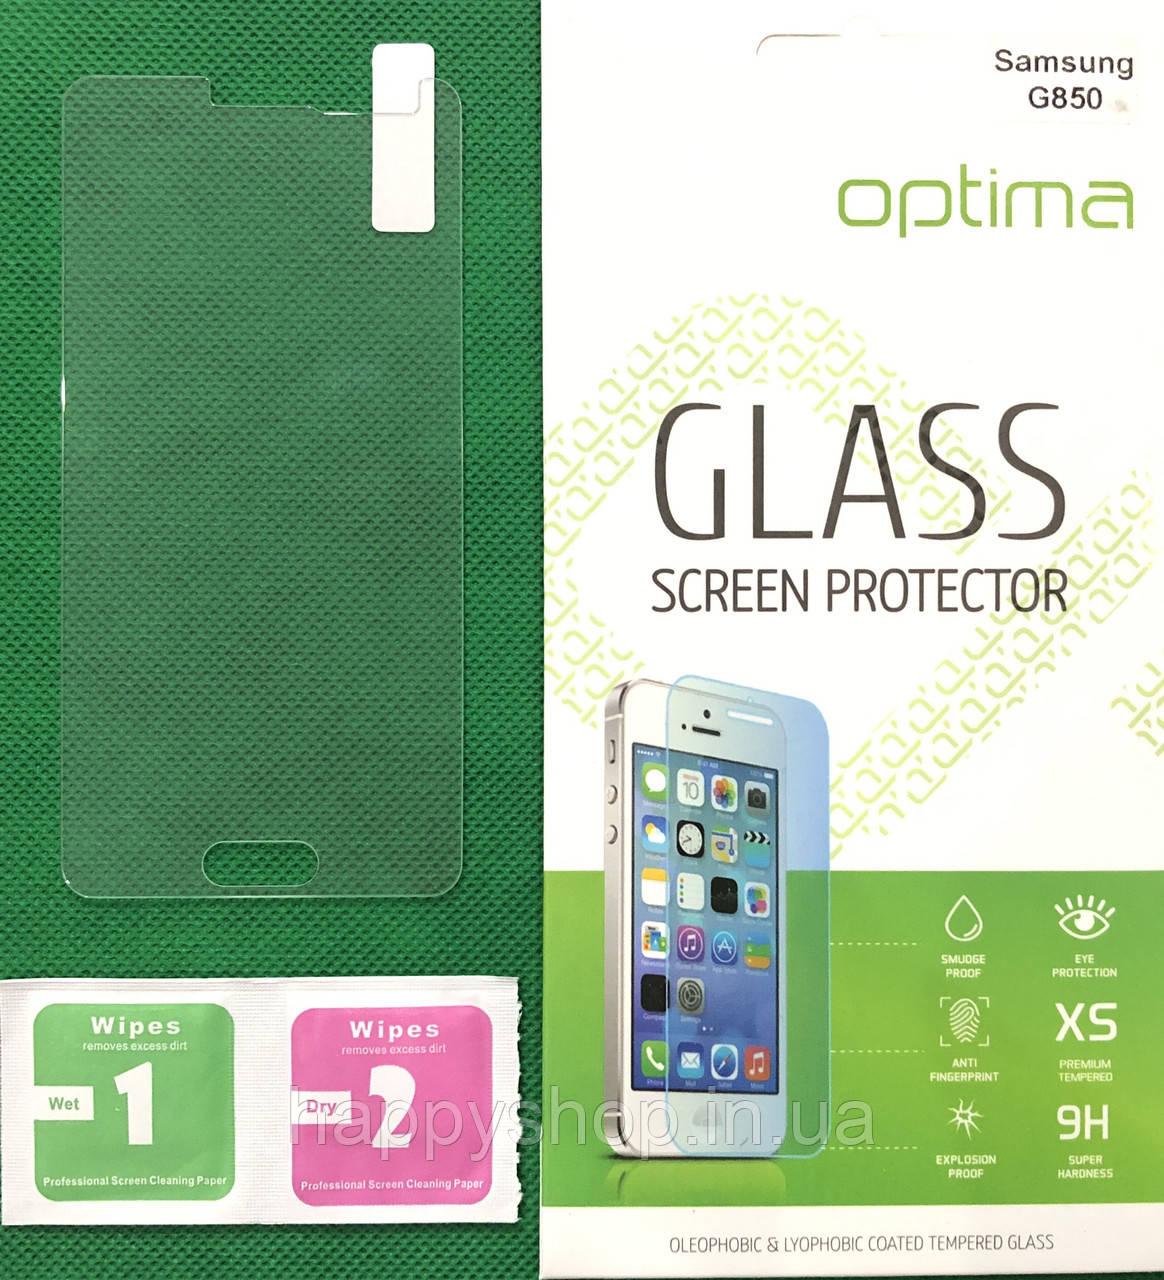 Защитное стекло Samsung Galaxy Alpha G850